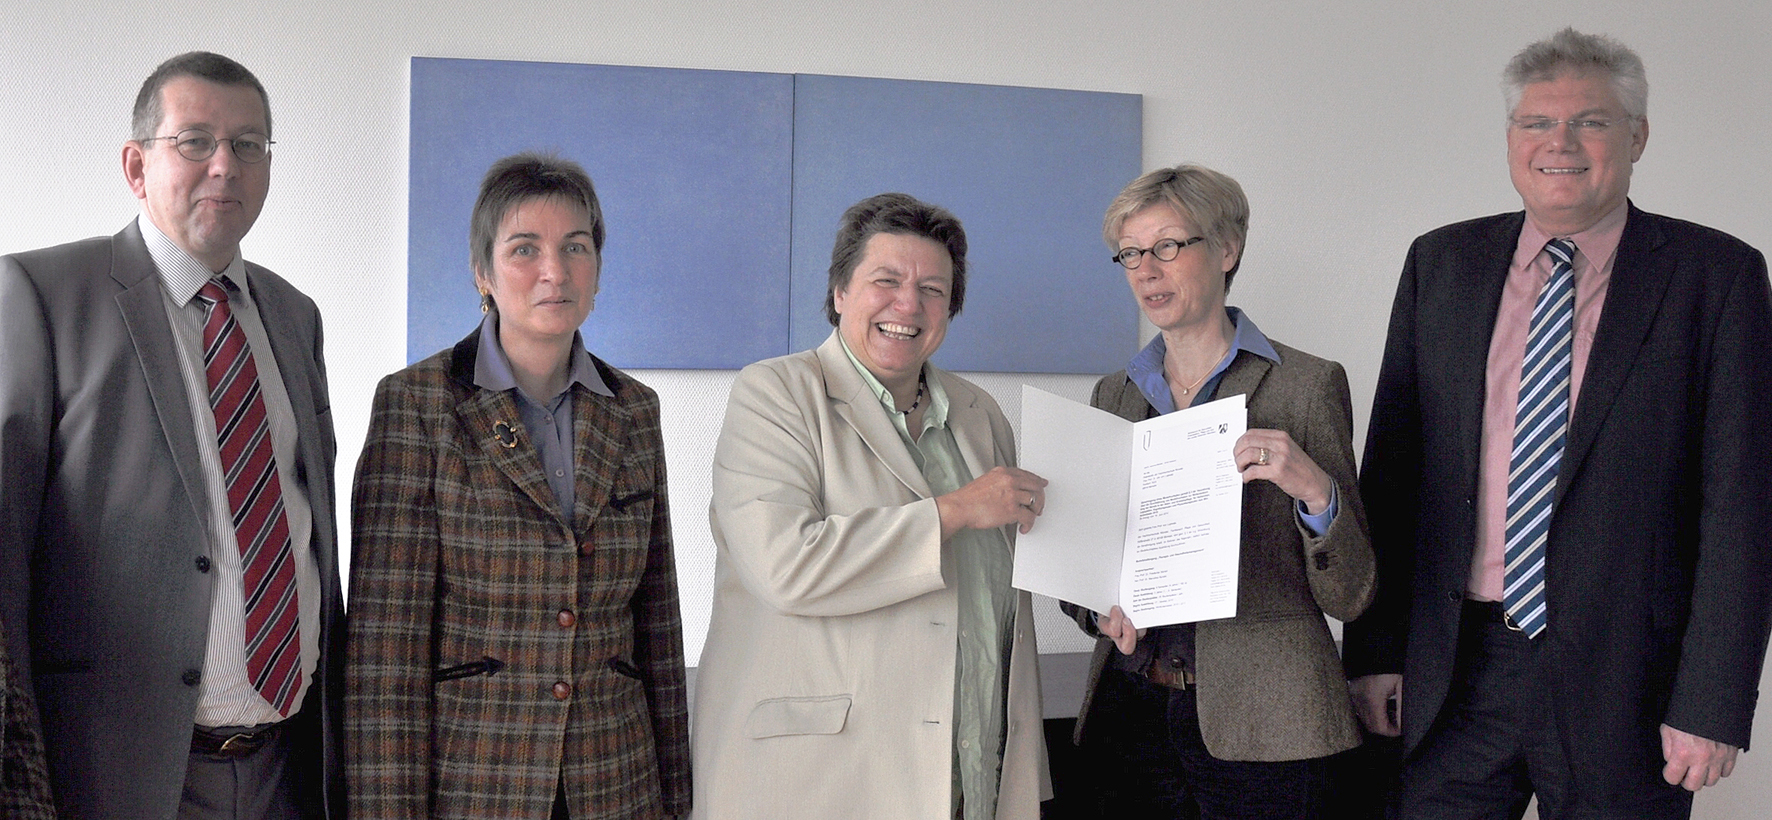 Gruppenbild mit fünf Personen nach Überreichung einer Urkunde.